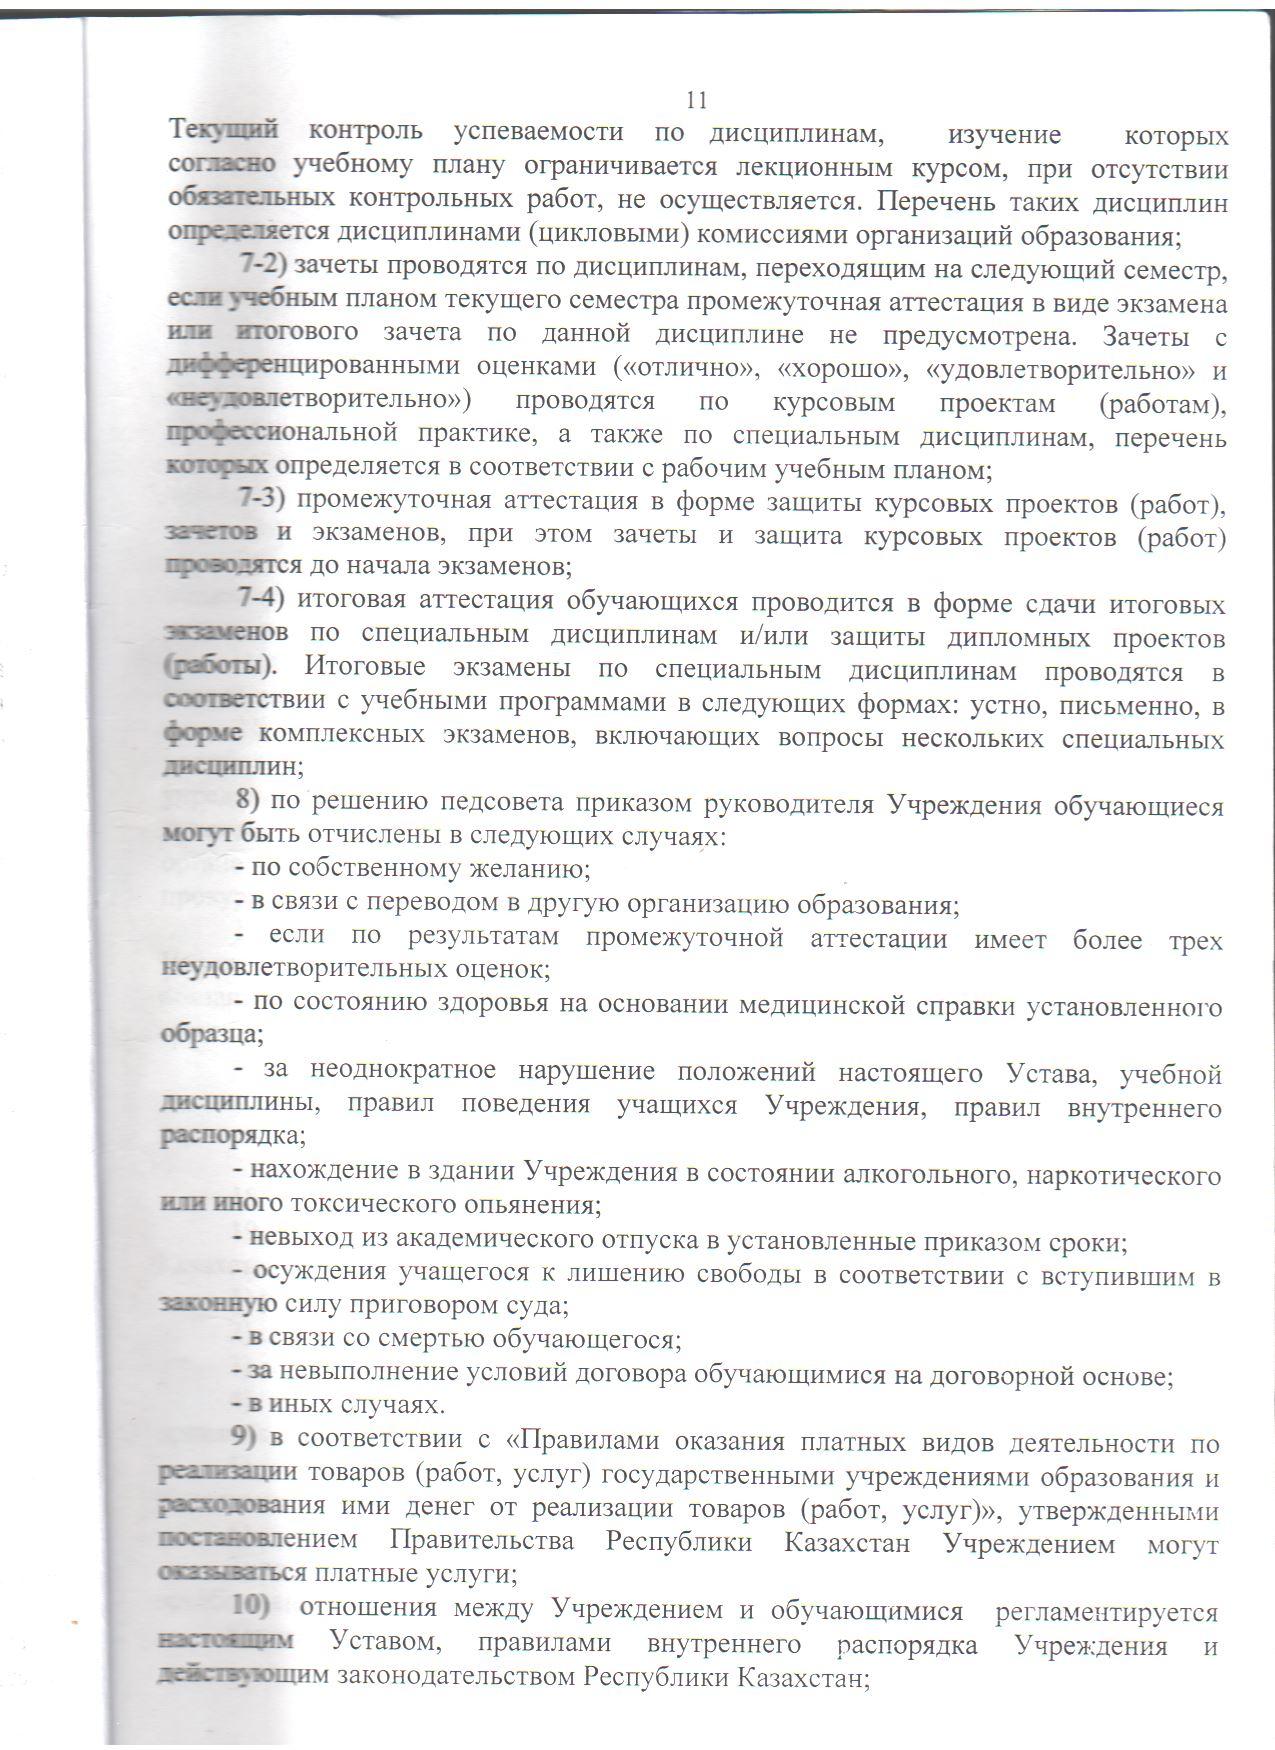 ustav11